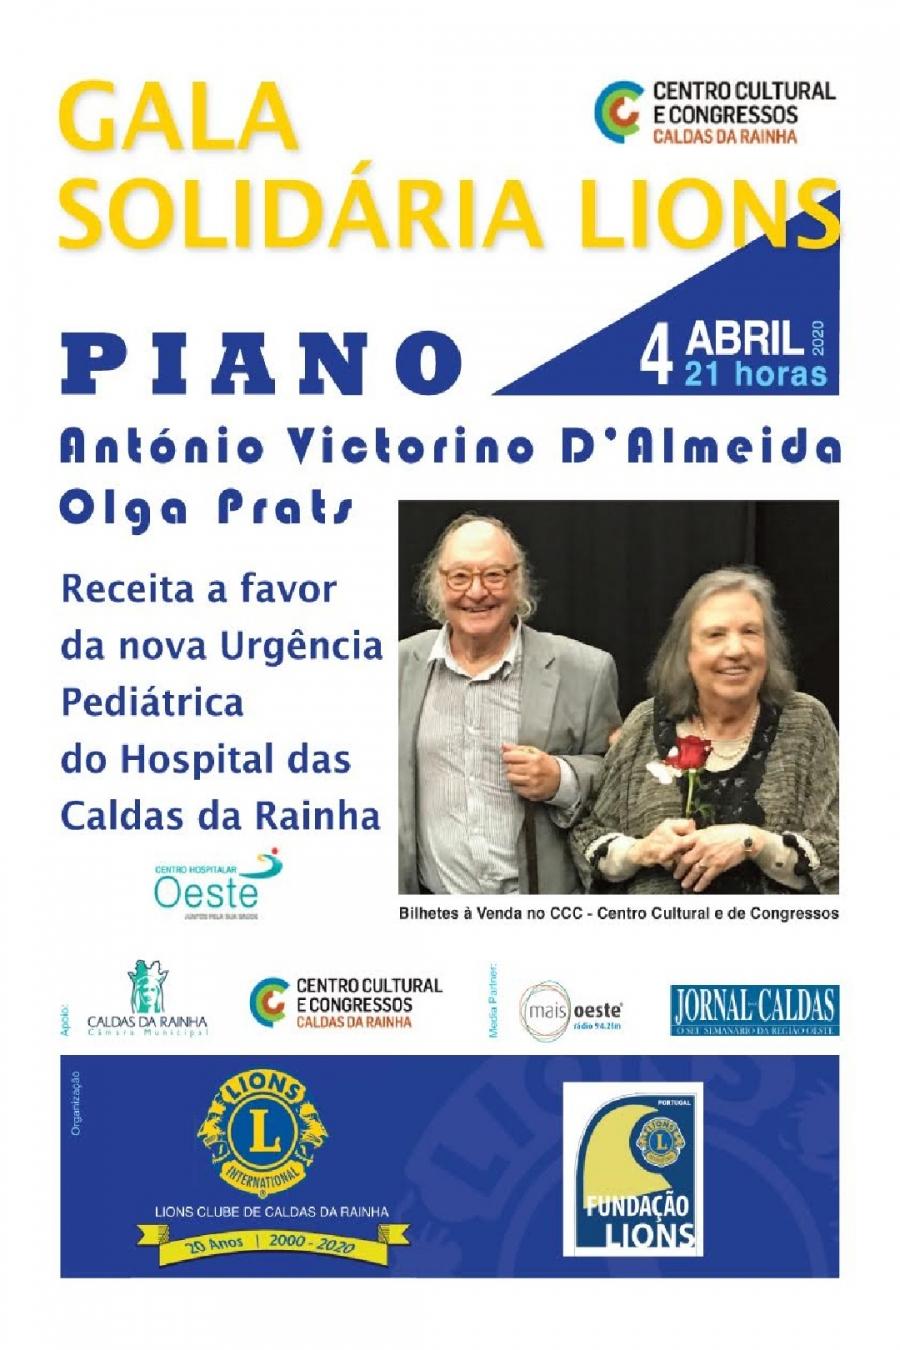 Gala Solidária Lions - a favor da nova Urgência Pediátrica